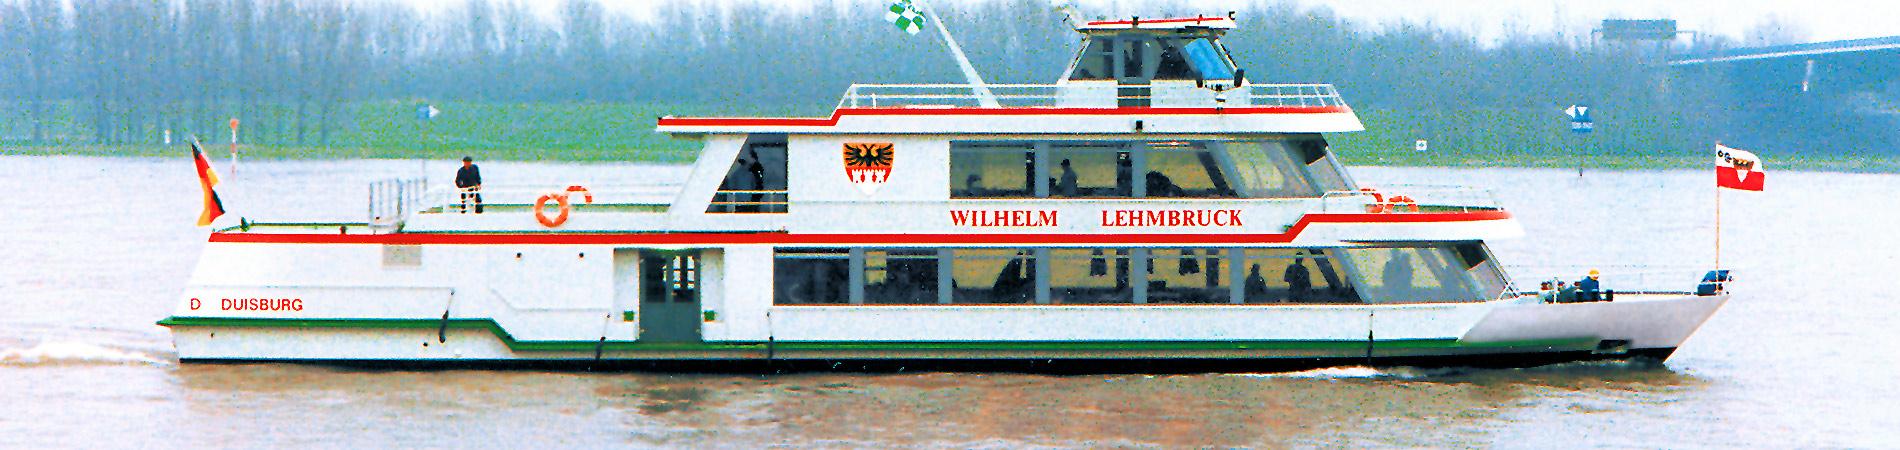 Meidericher Schiffswerft Duisburg - Schiffsneubauten